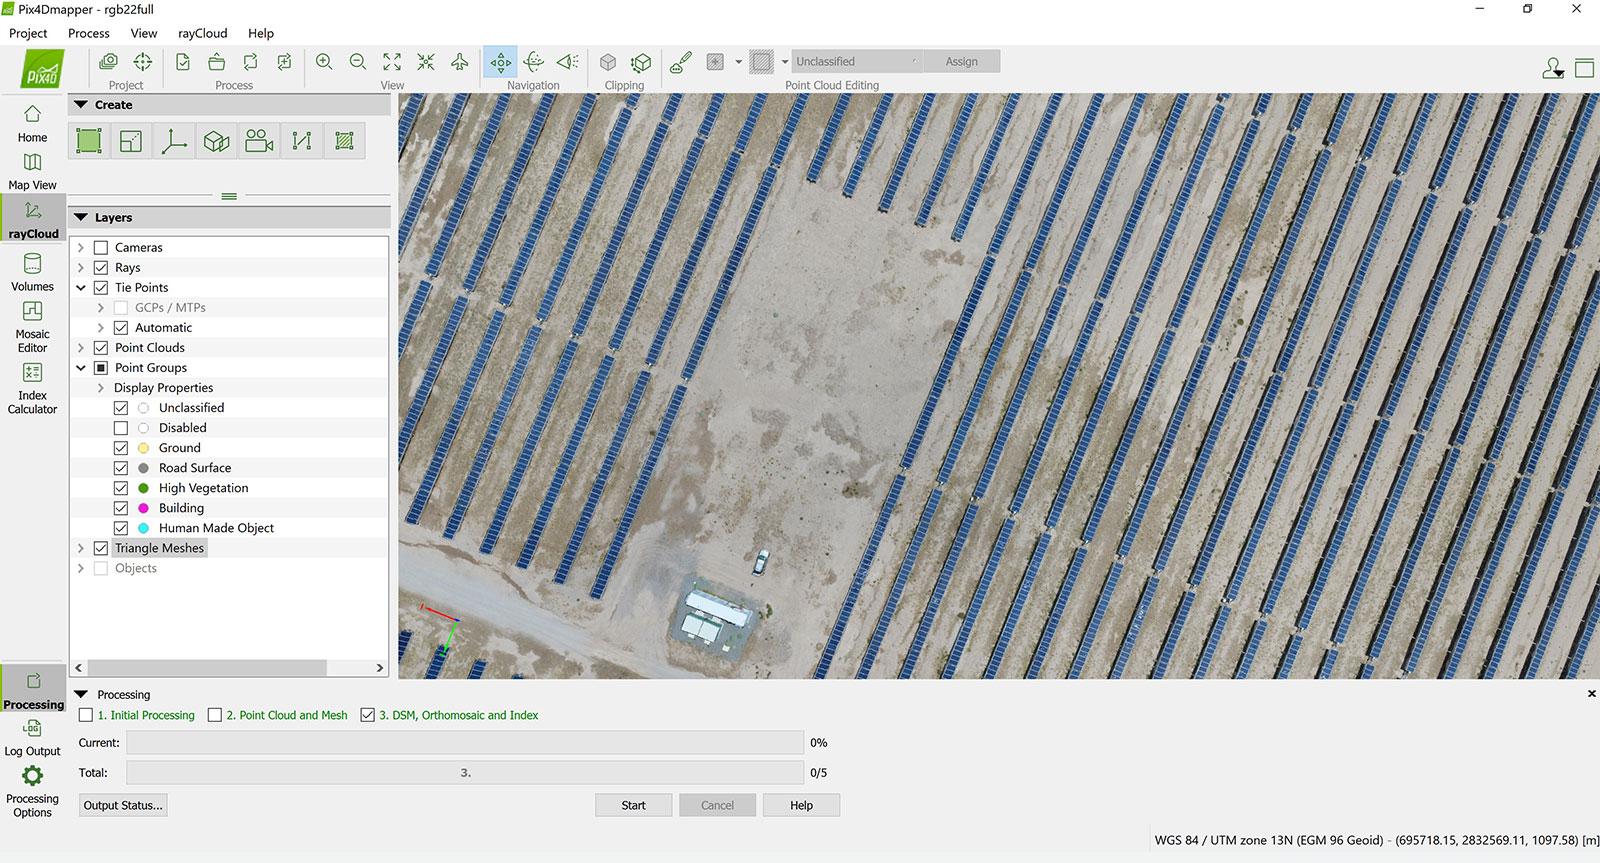 Solar farm in interface of Pix4Dmapper